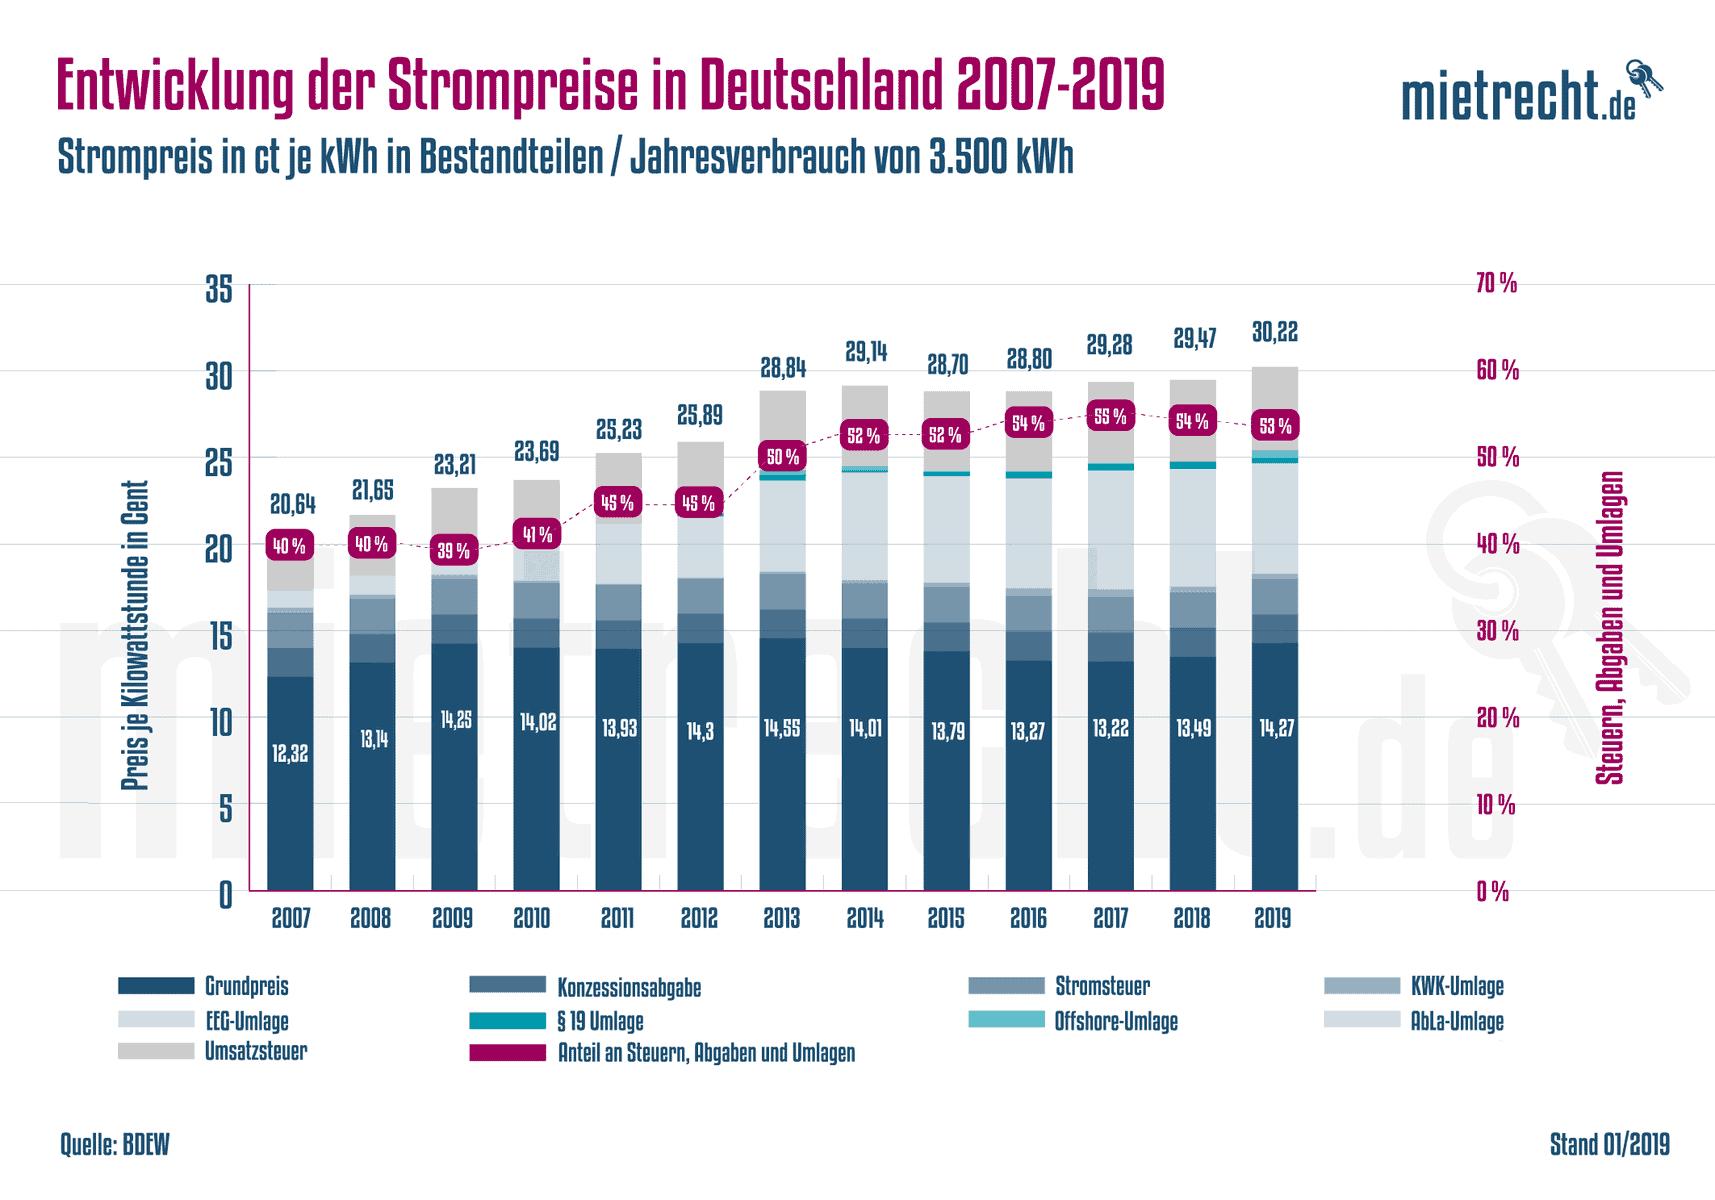 Strom-Entwicklung-Deutschland-2007-2019-Grafik